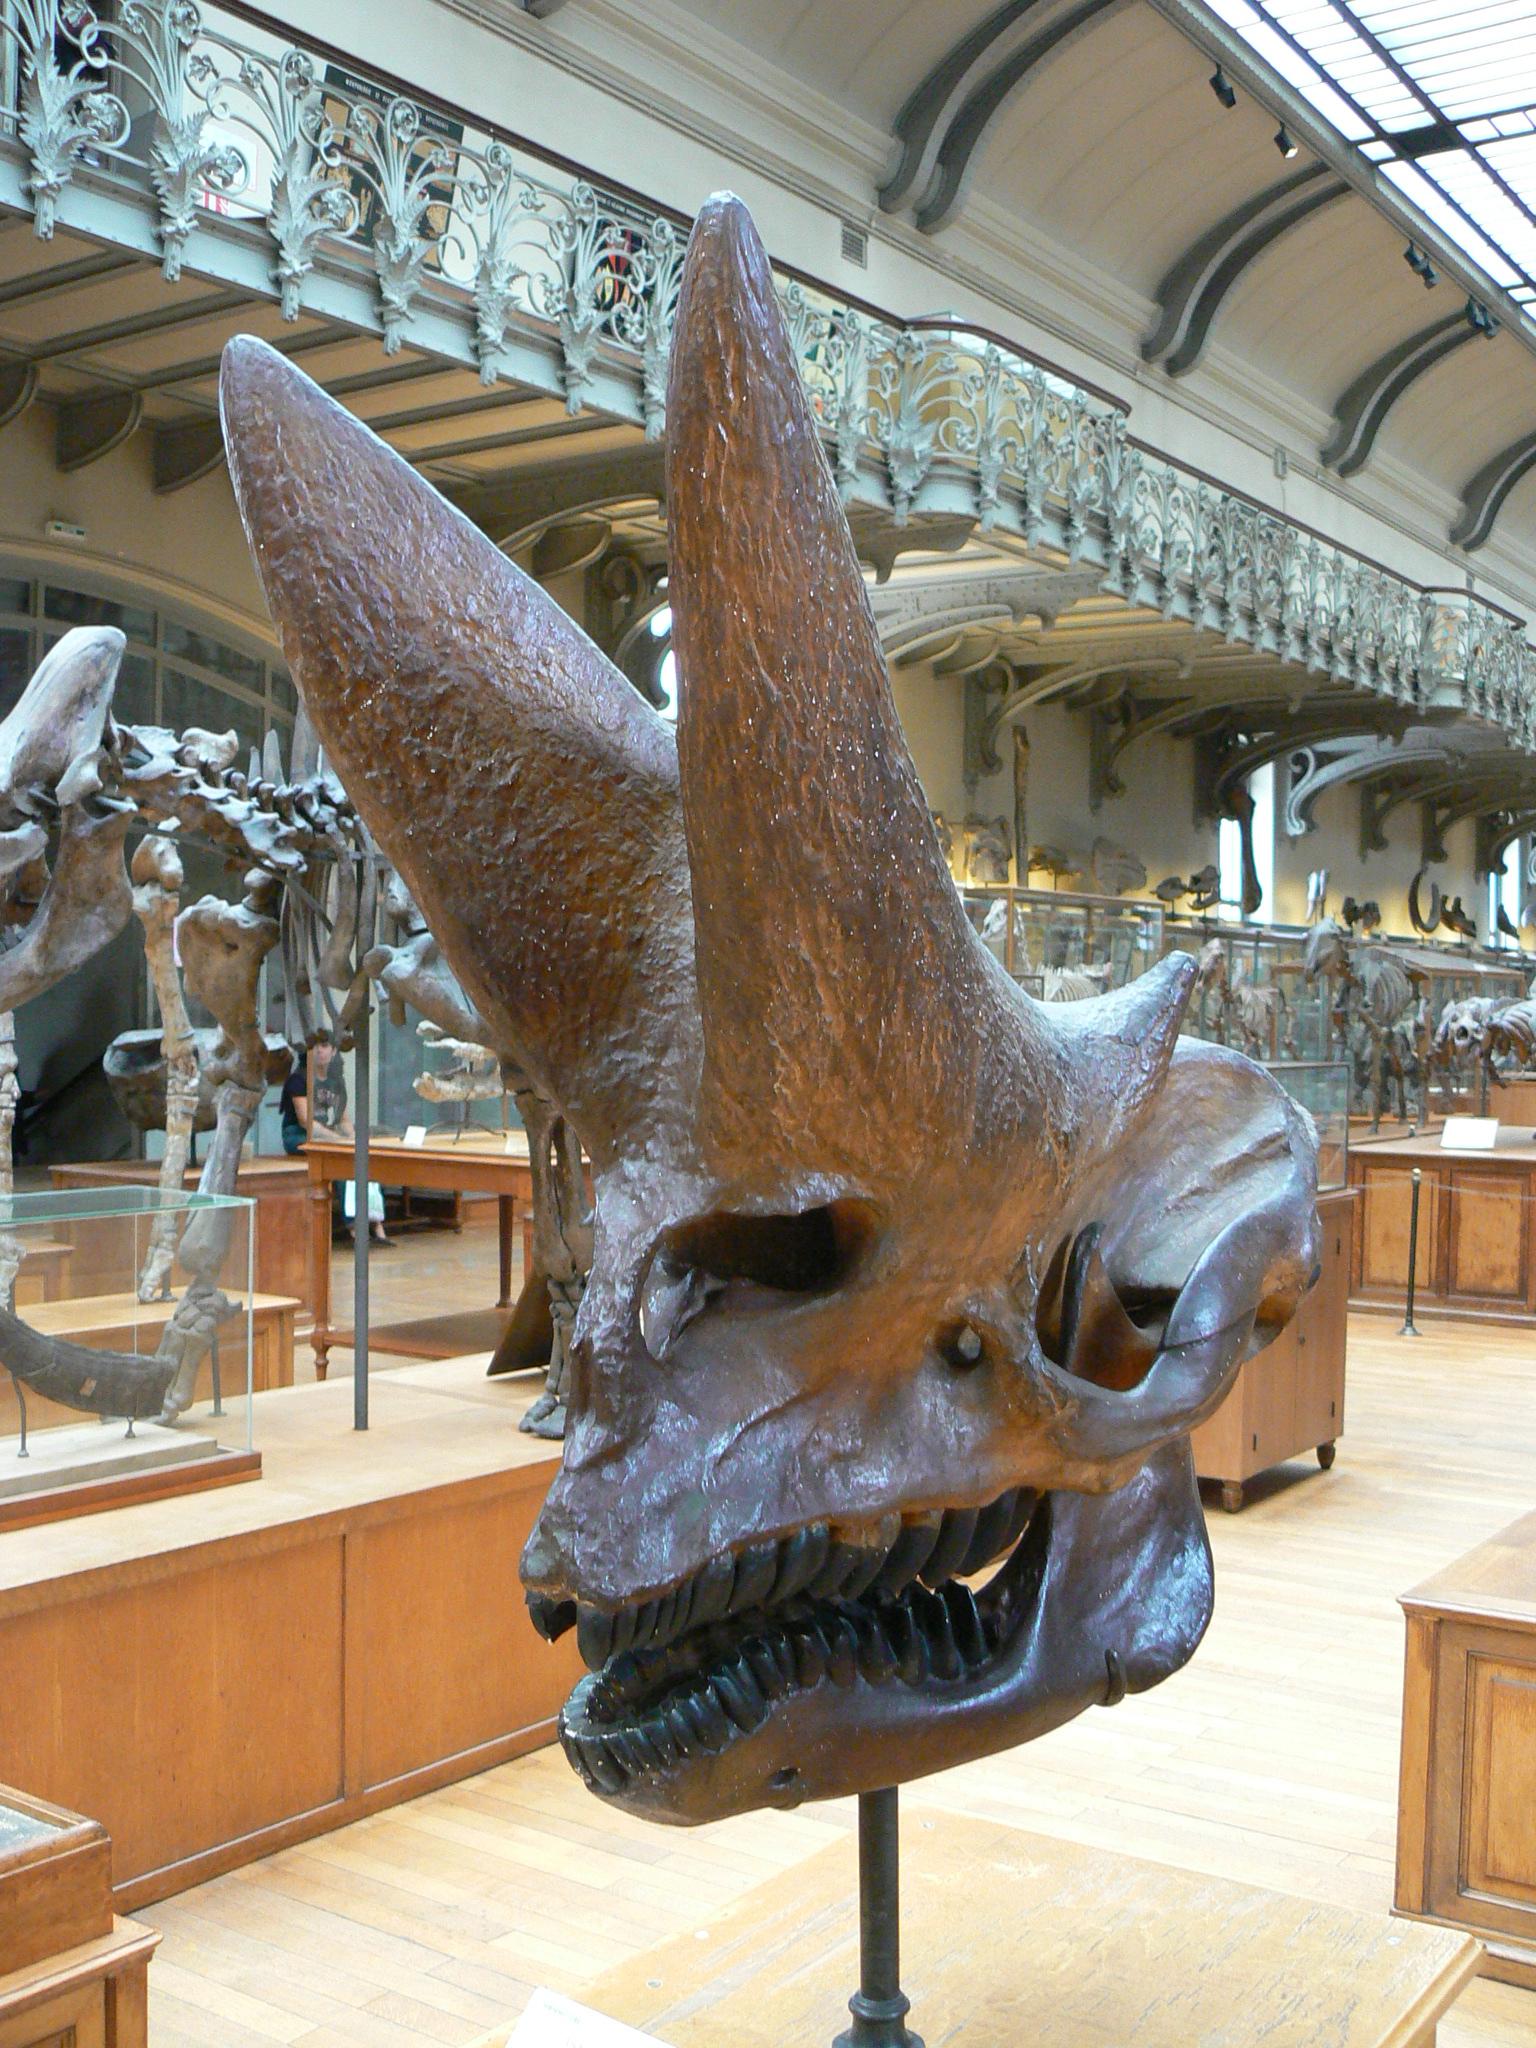 An Arsinoitherium skull.jpg